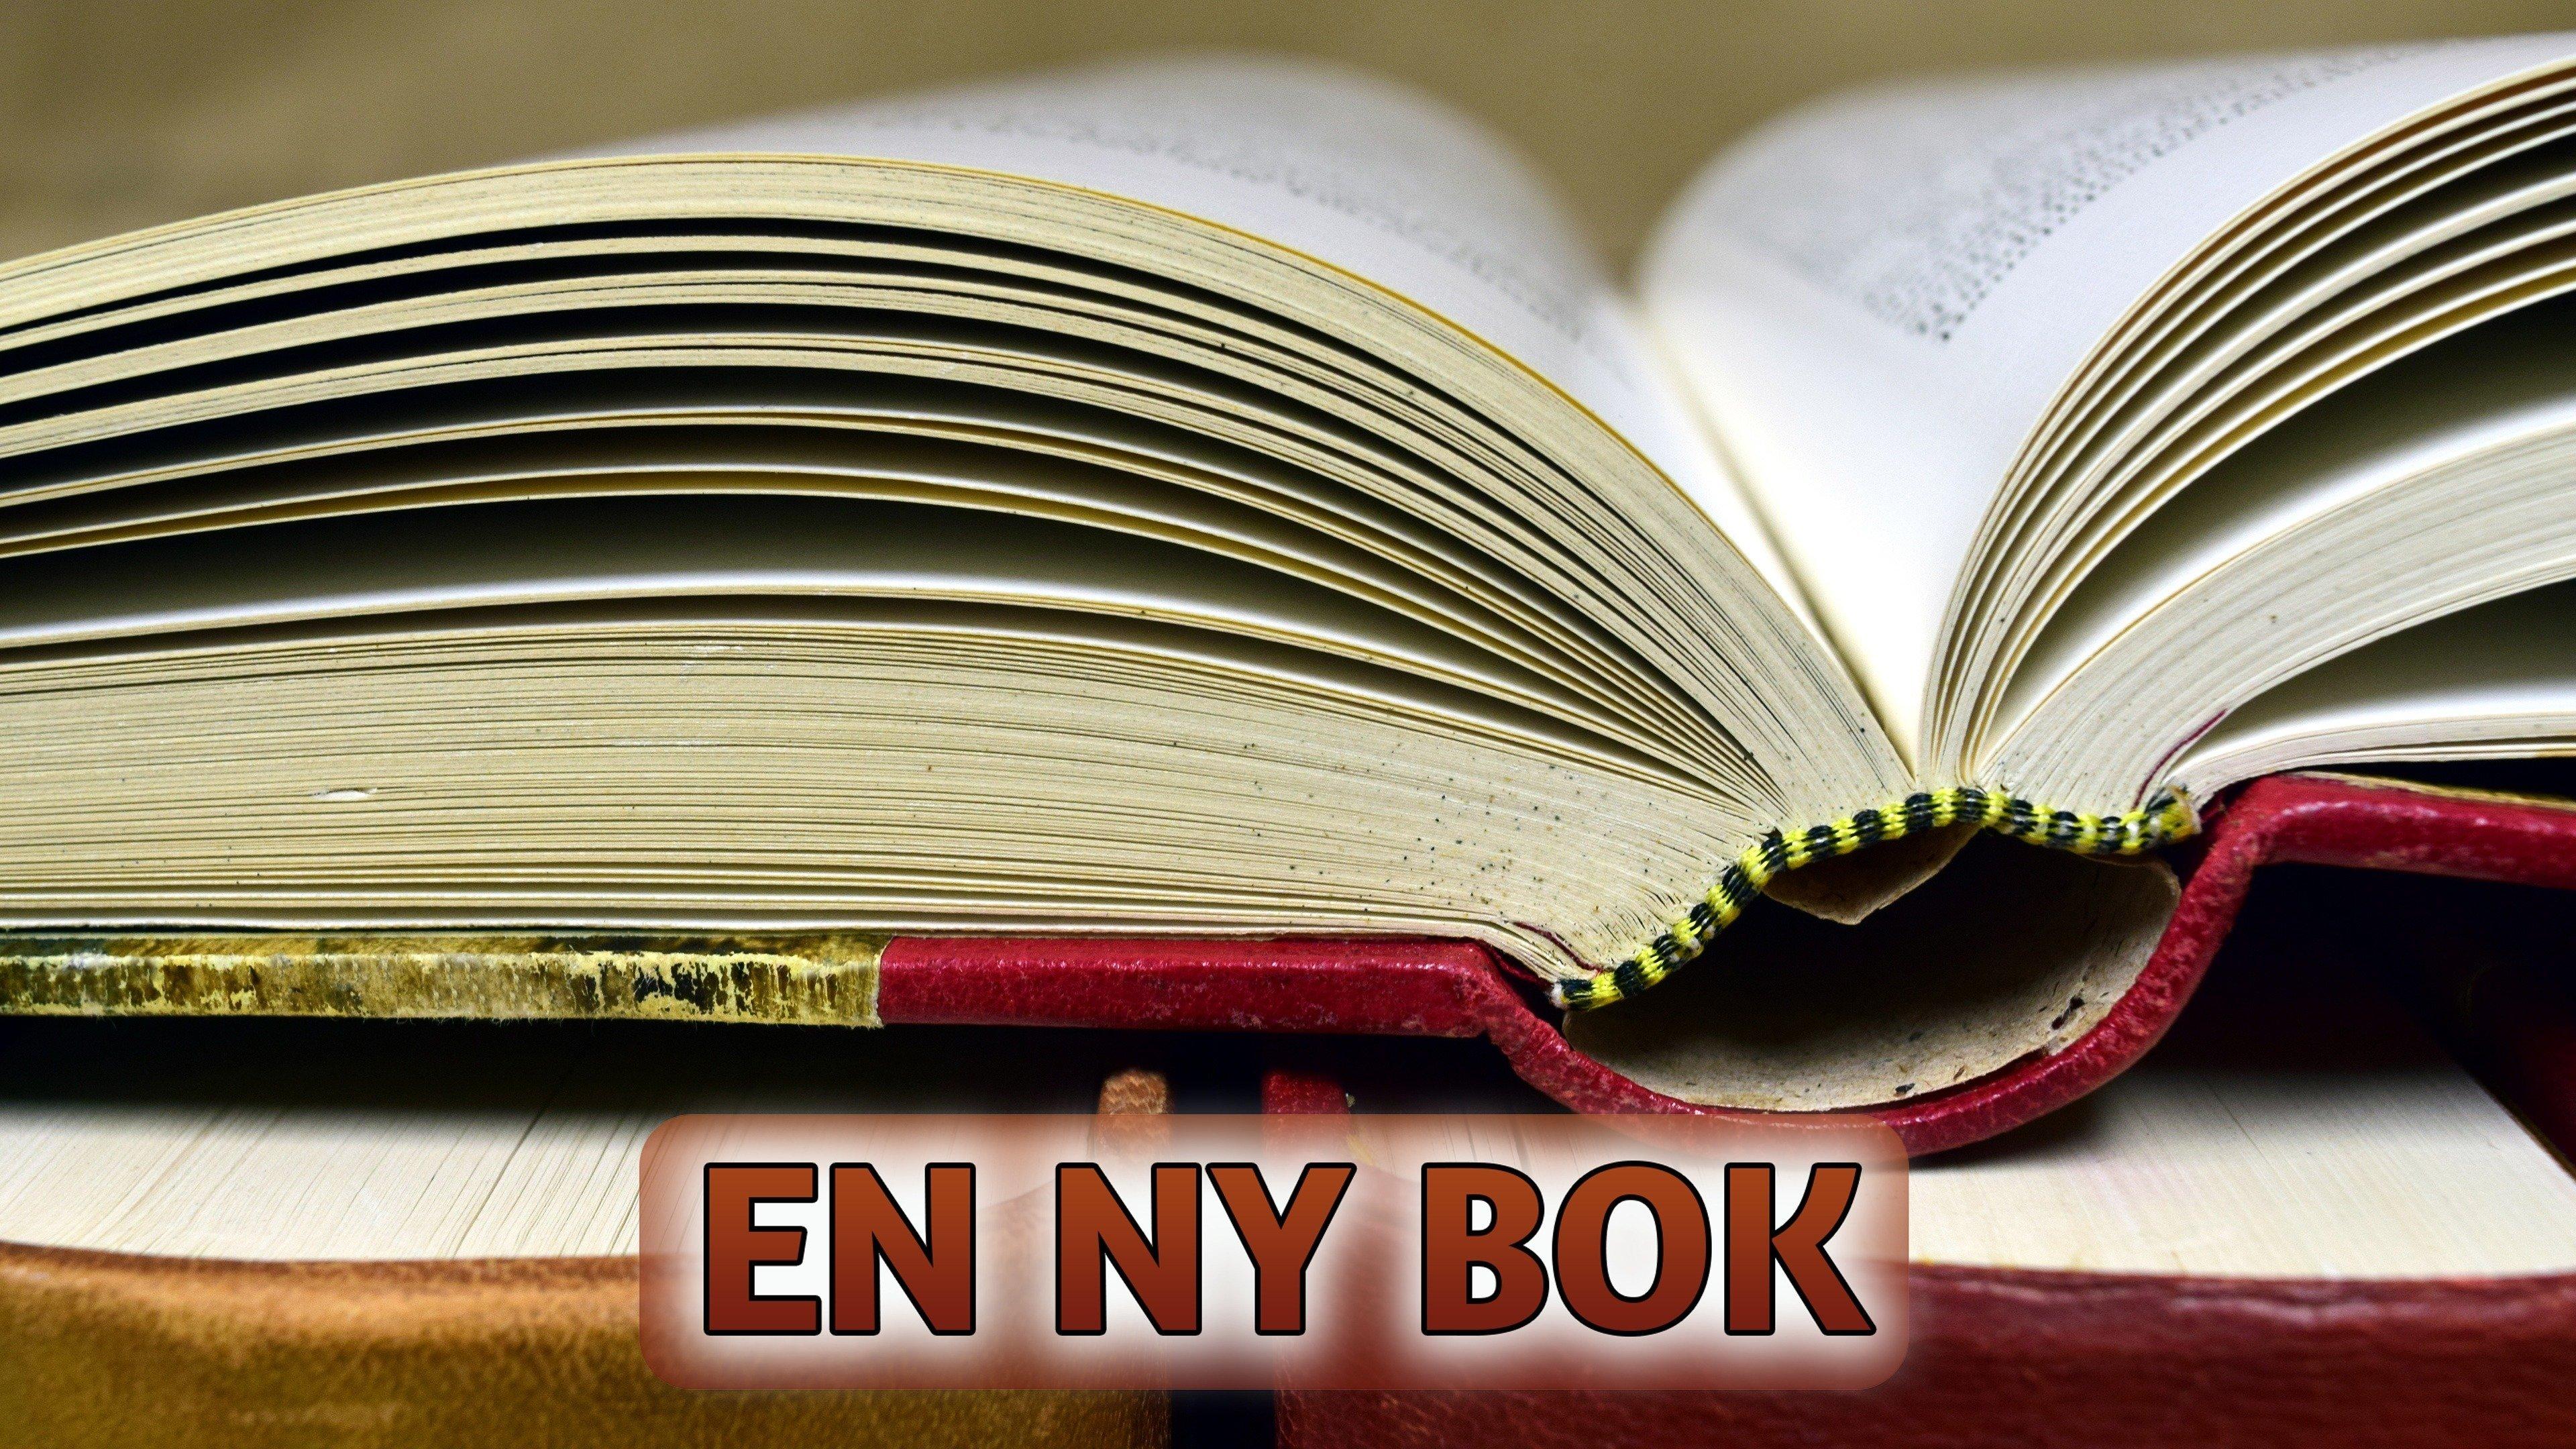 En ny bok